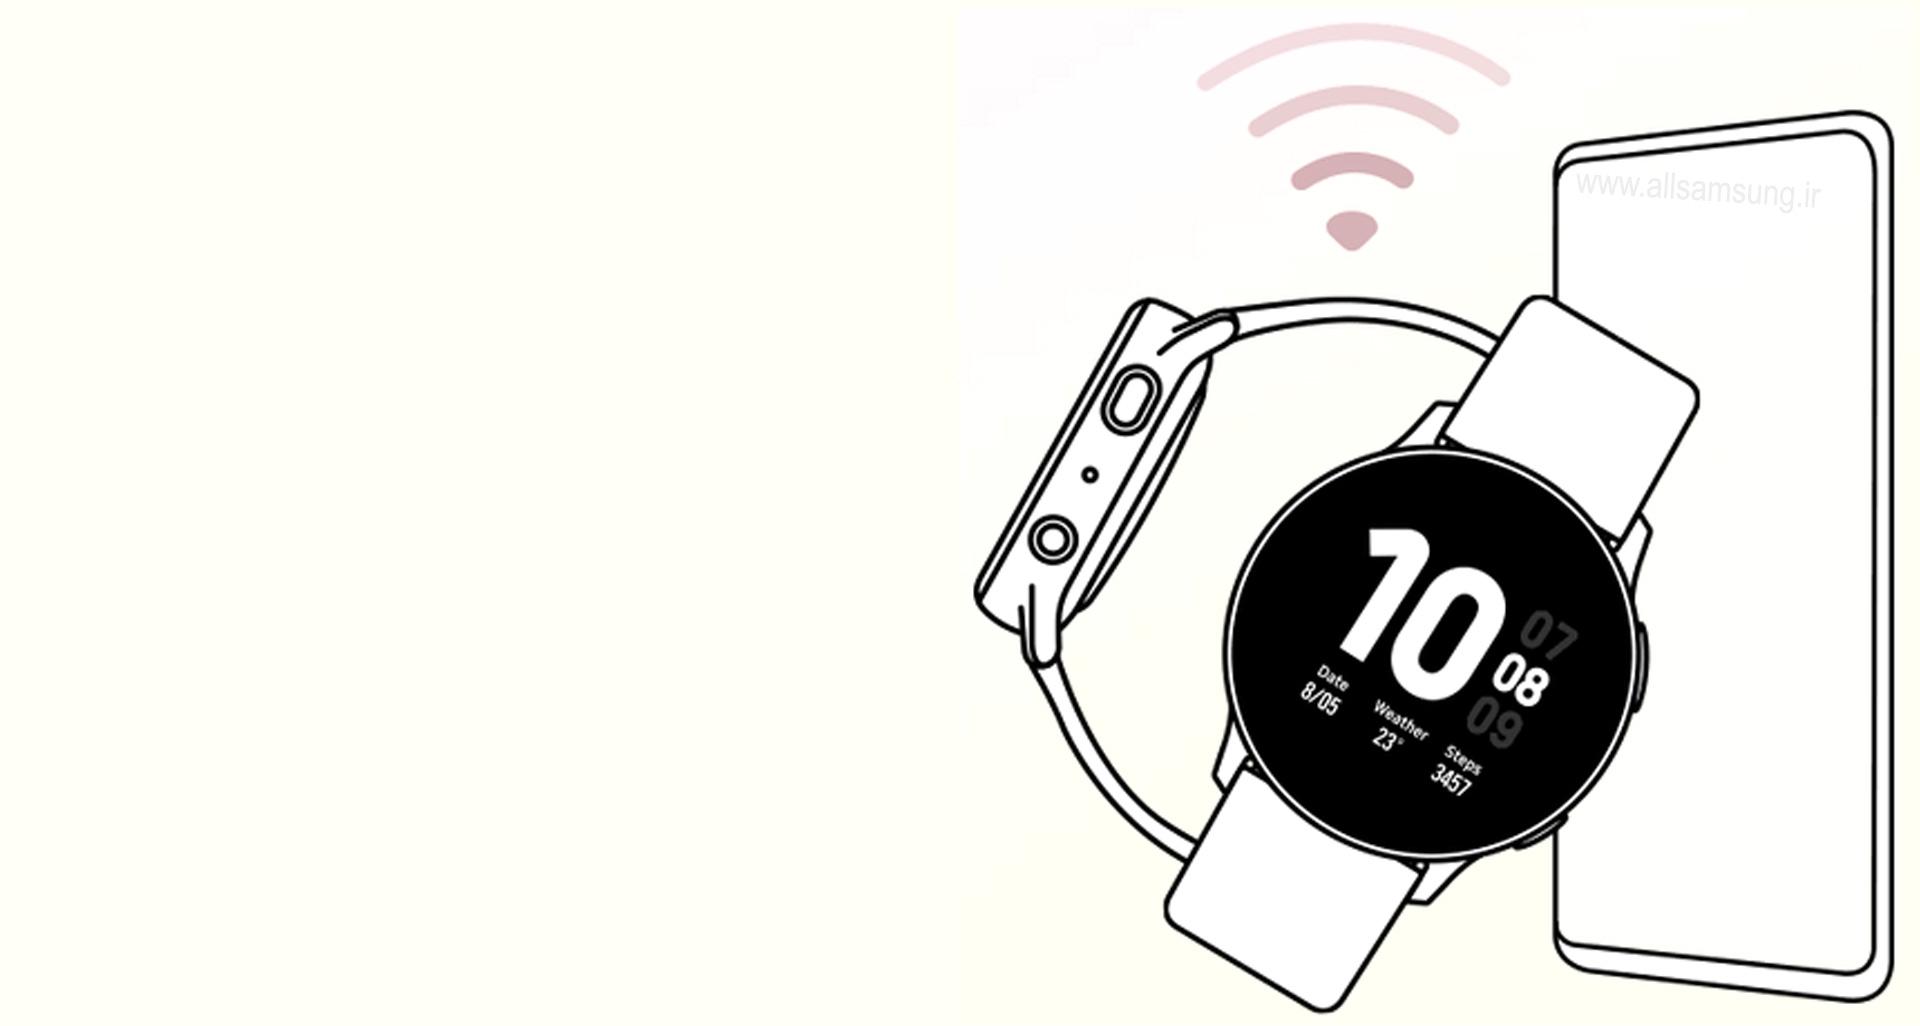 با گلکسی واچ اکتیو 2 به گوشی همراهتان متصل شوید